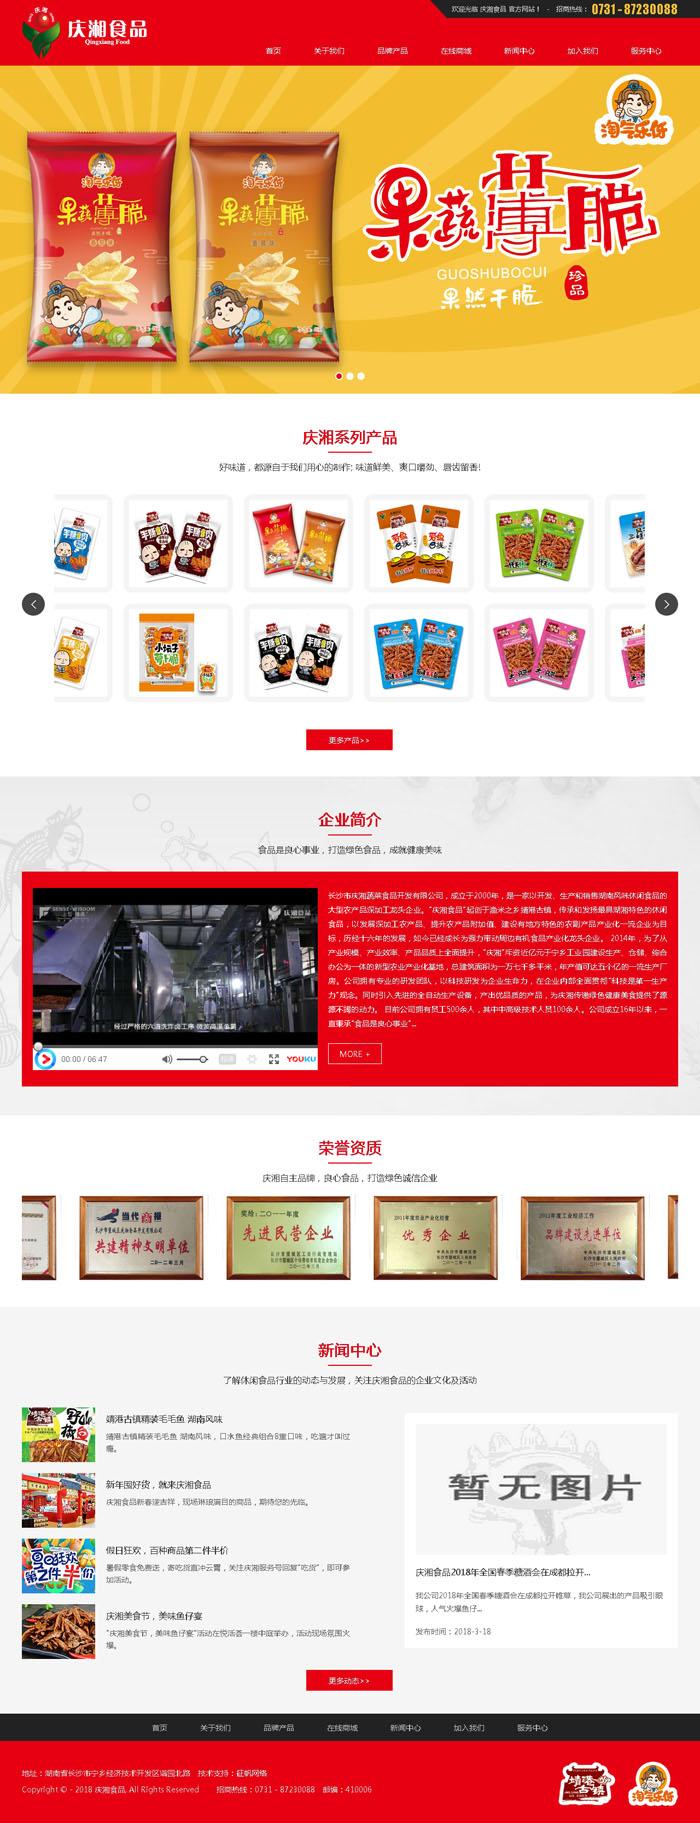 長沙市慶湘蔬菜食品開發有限公司歐寶體育官網下載地址設計效果圖